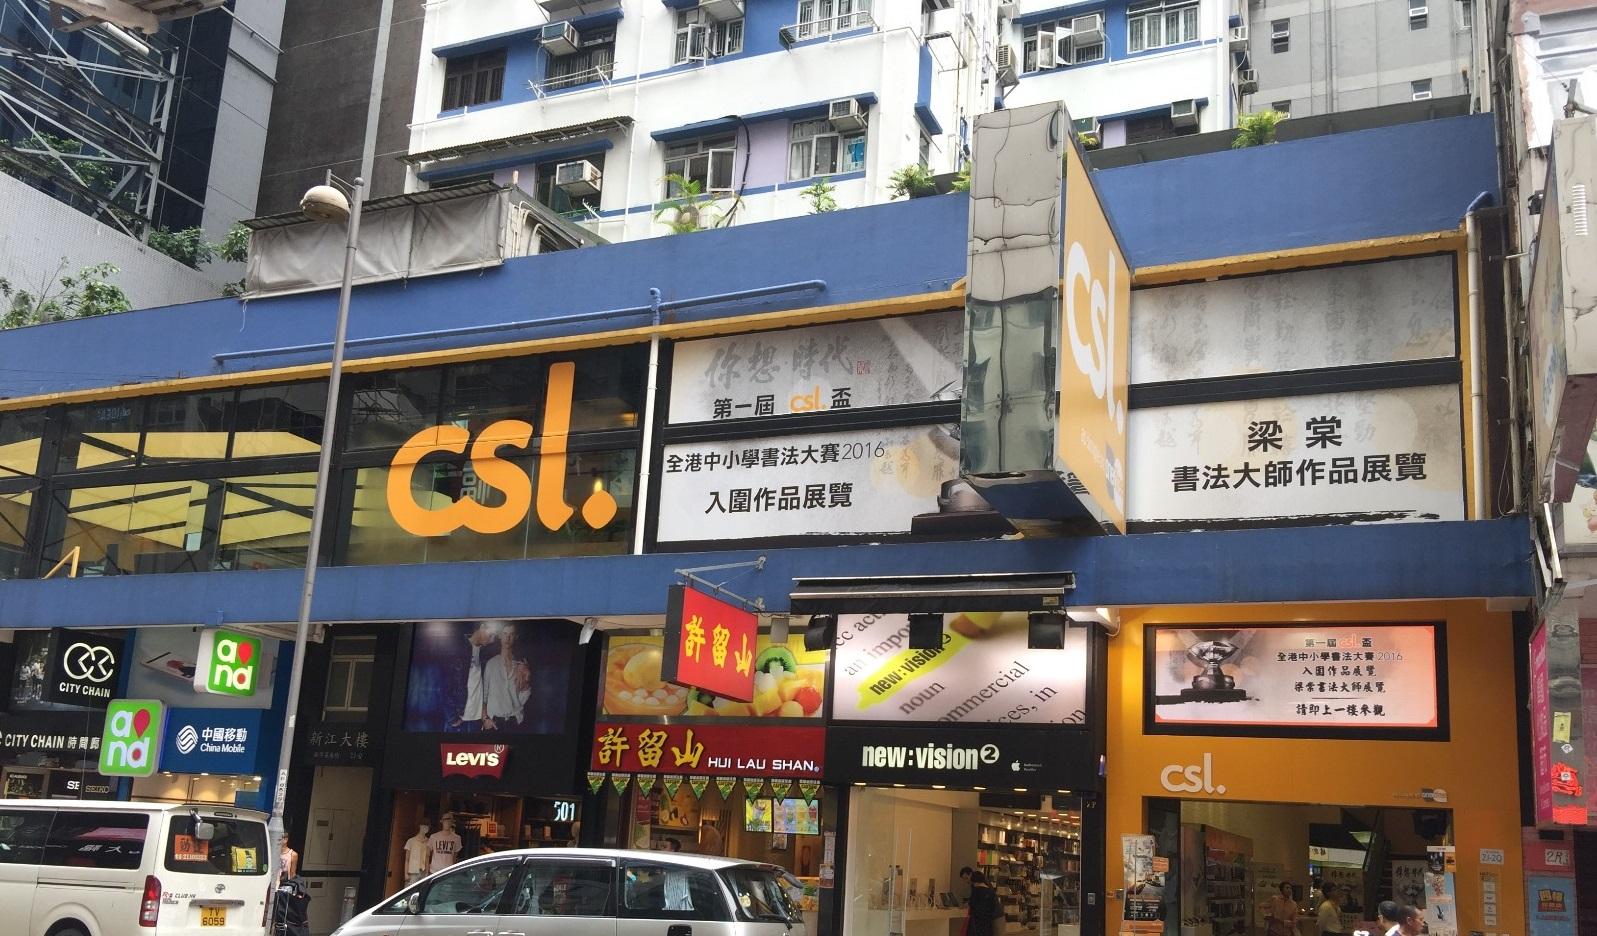 【iPhone X】預購攻略 IR (iReserve) +AOS 香港 Apple Store 直接連結